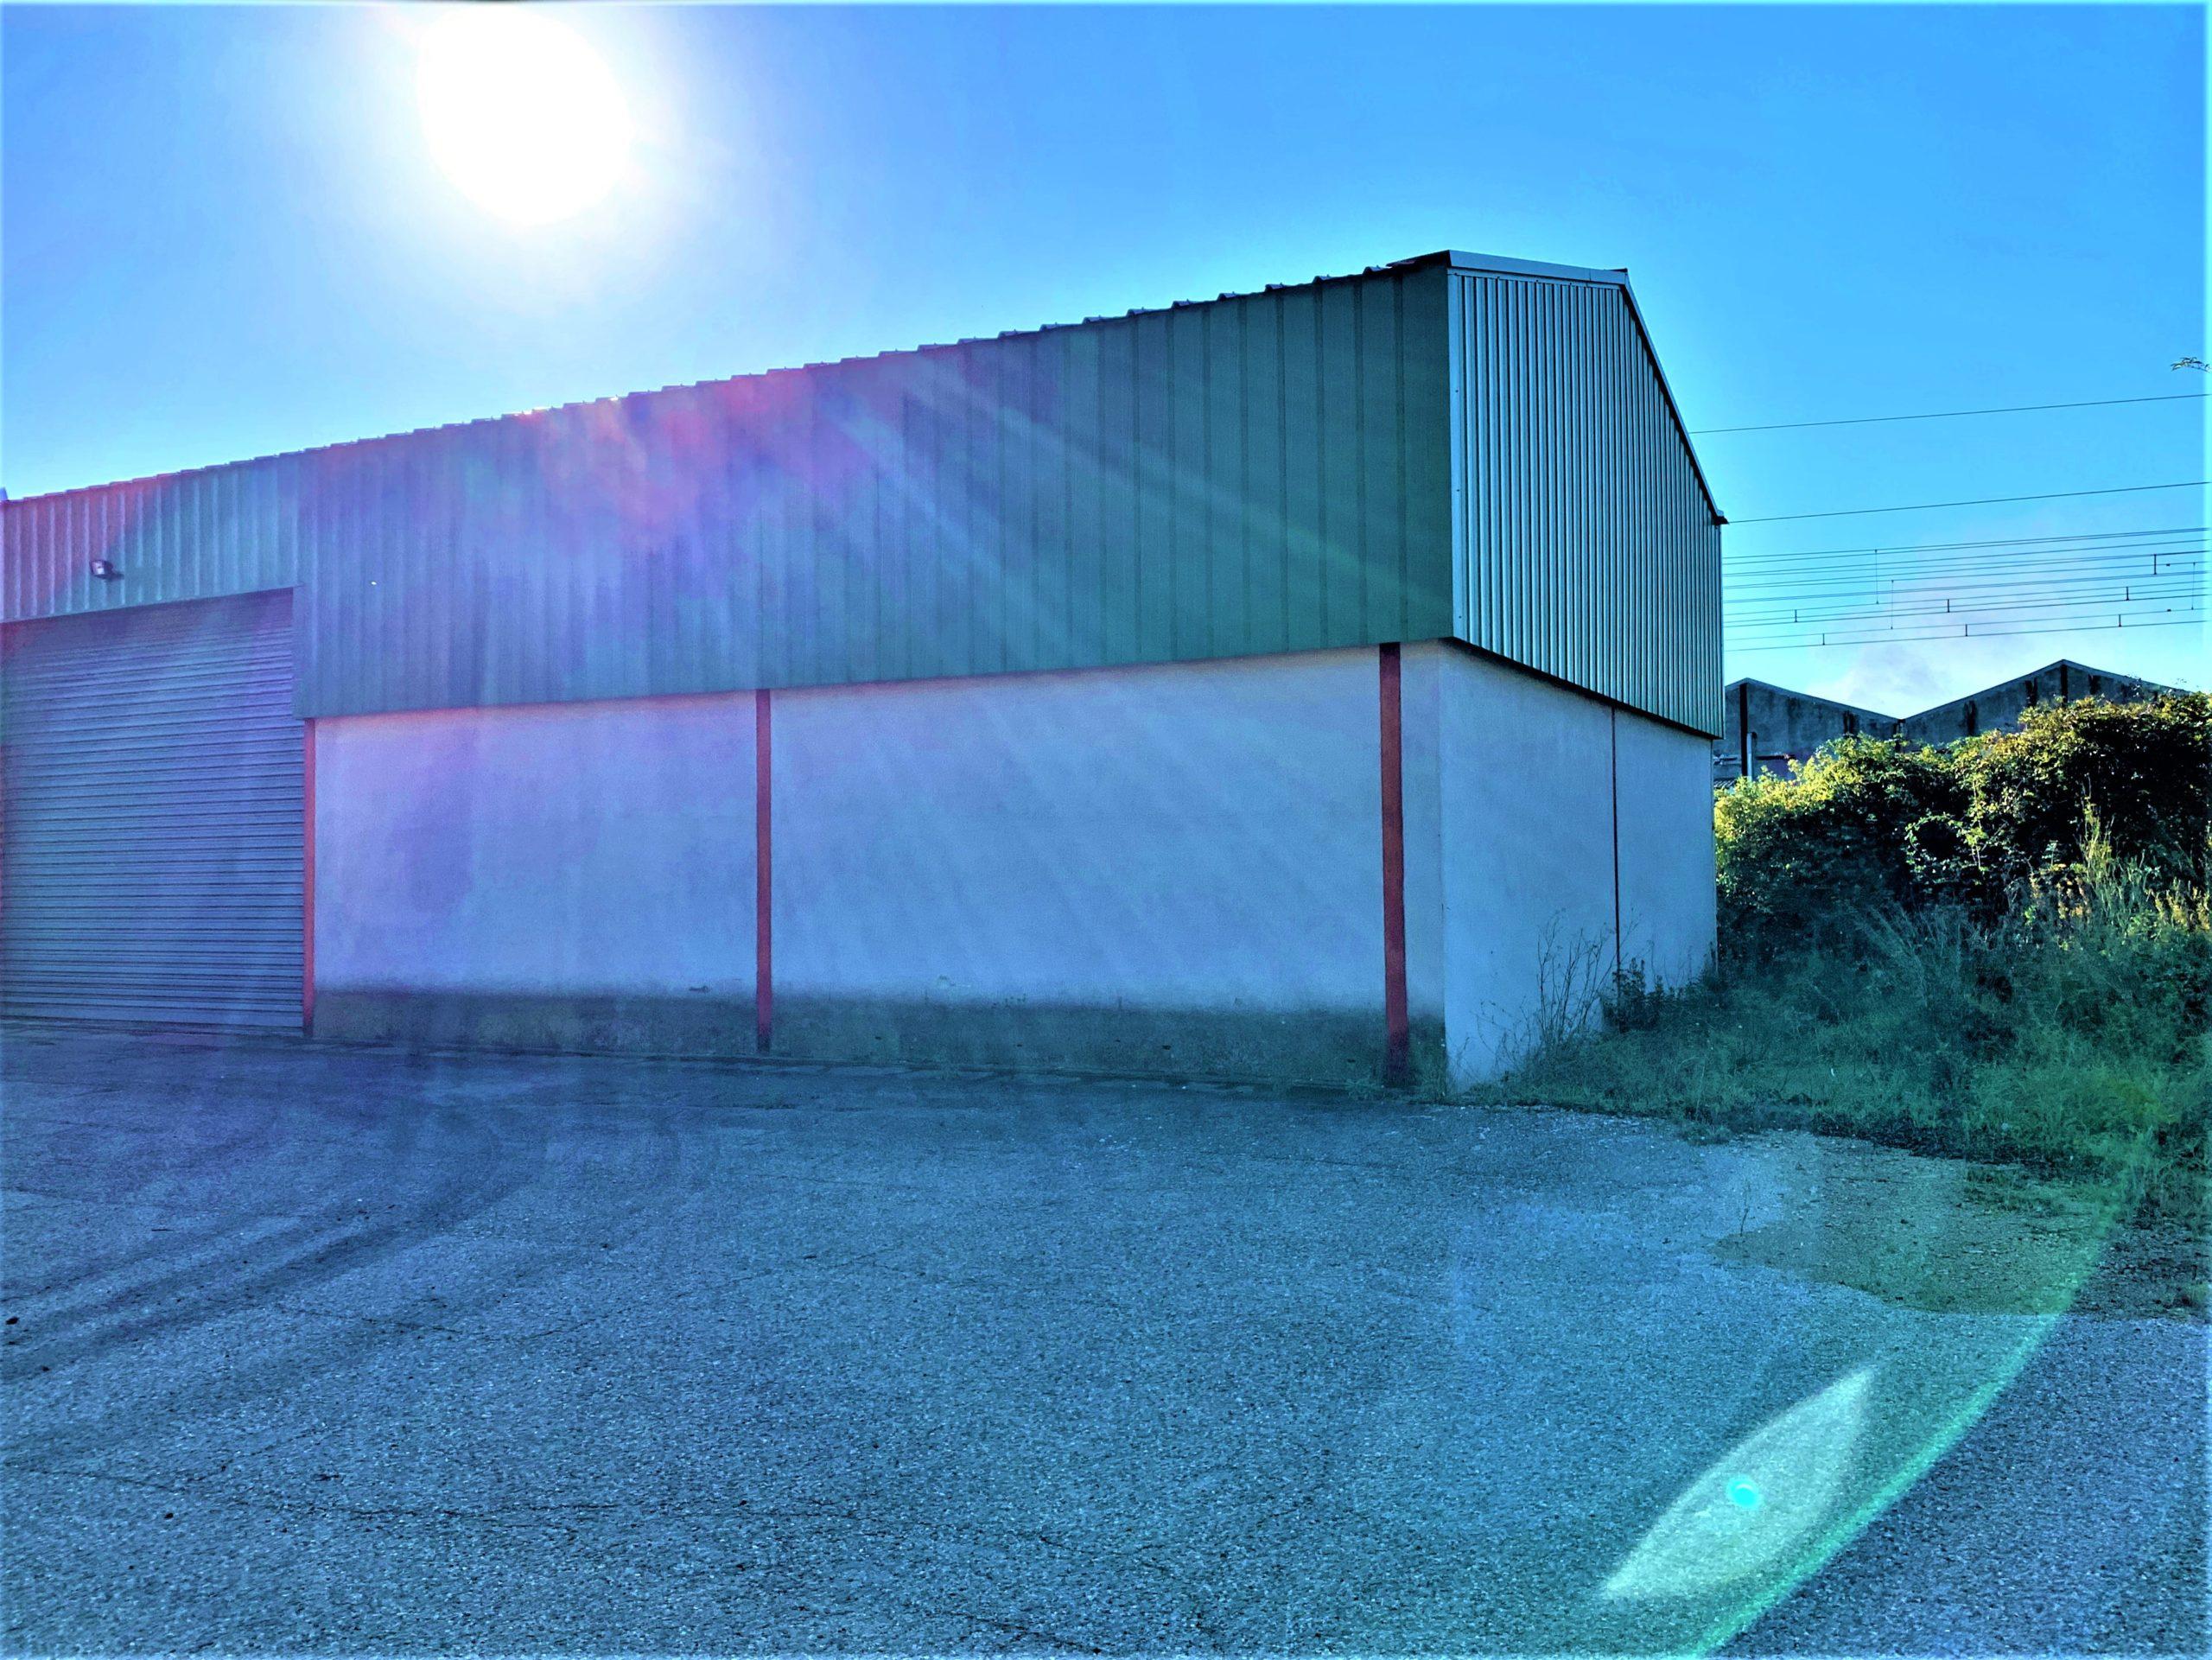 A vendre entrepôt de 1195 m² sur 2580 m²